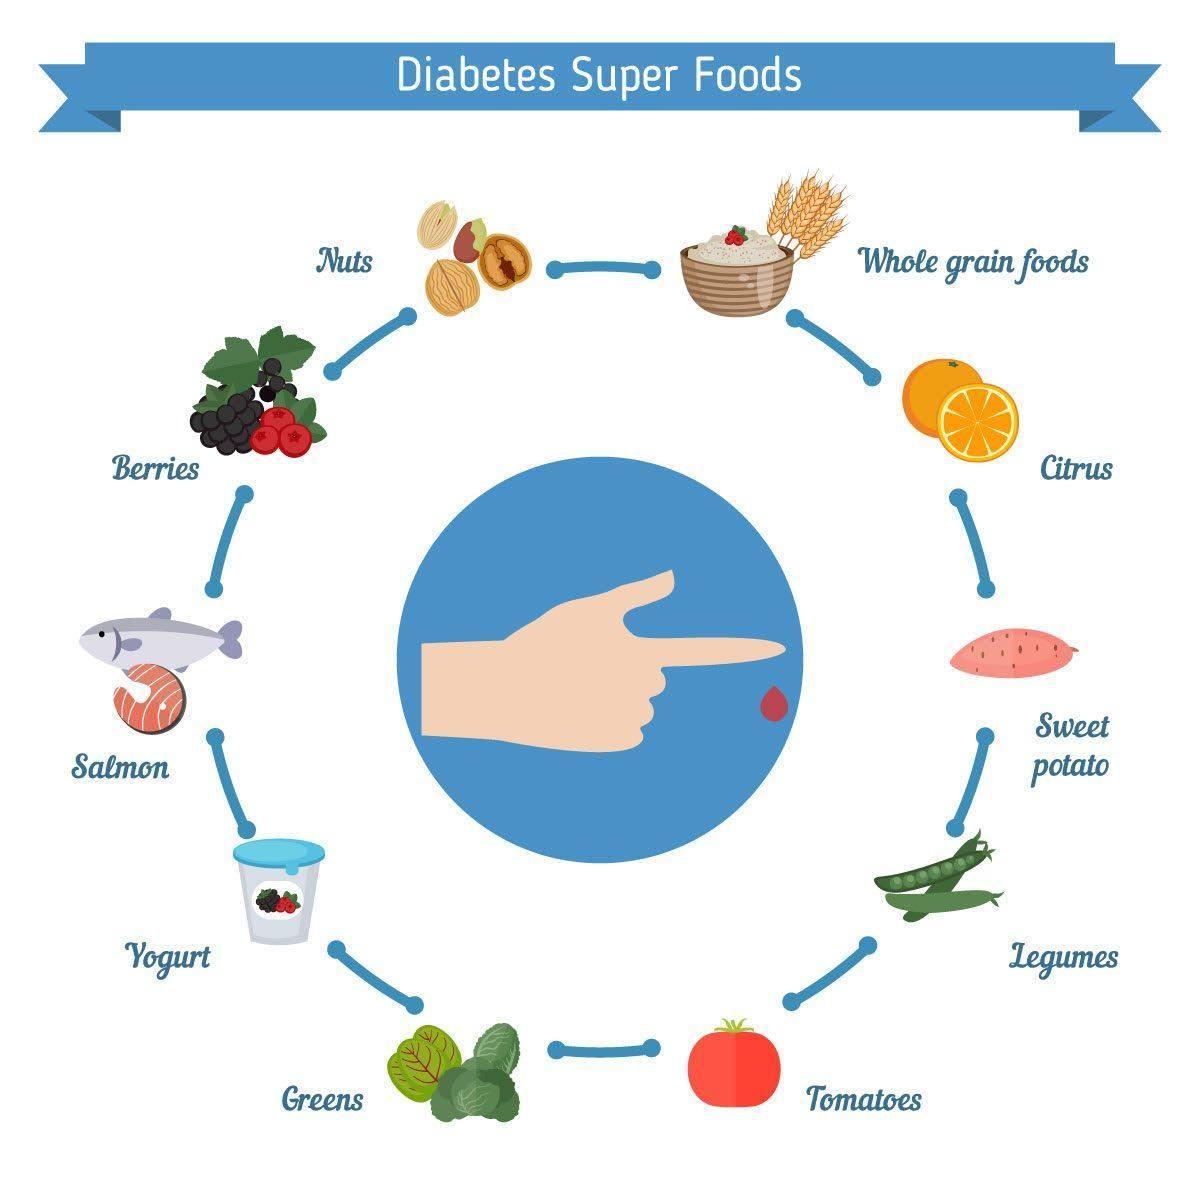 National Diabetes Awareness Month 2017